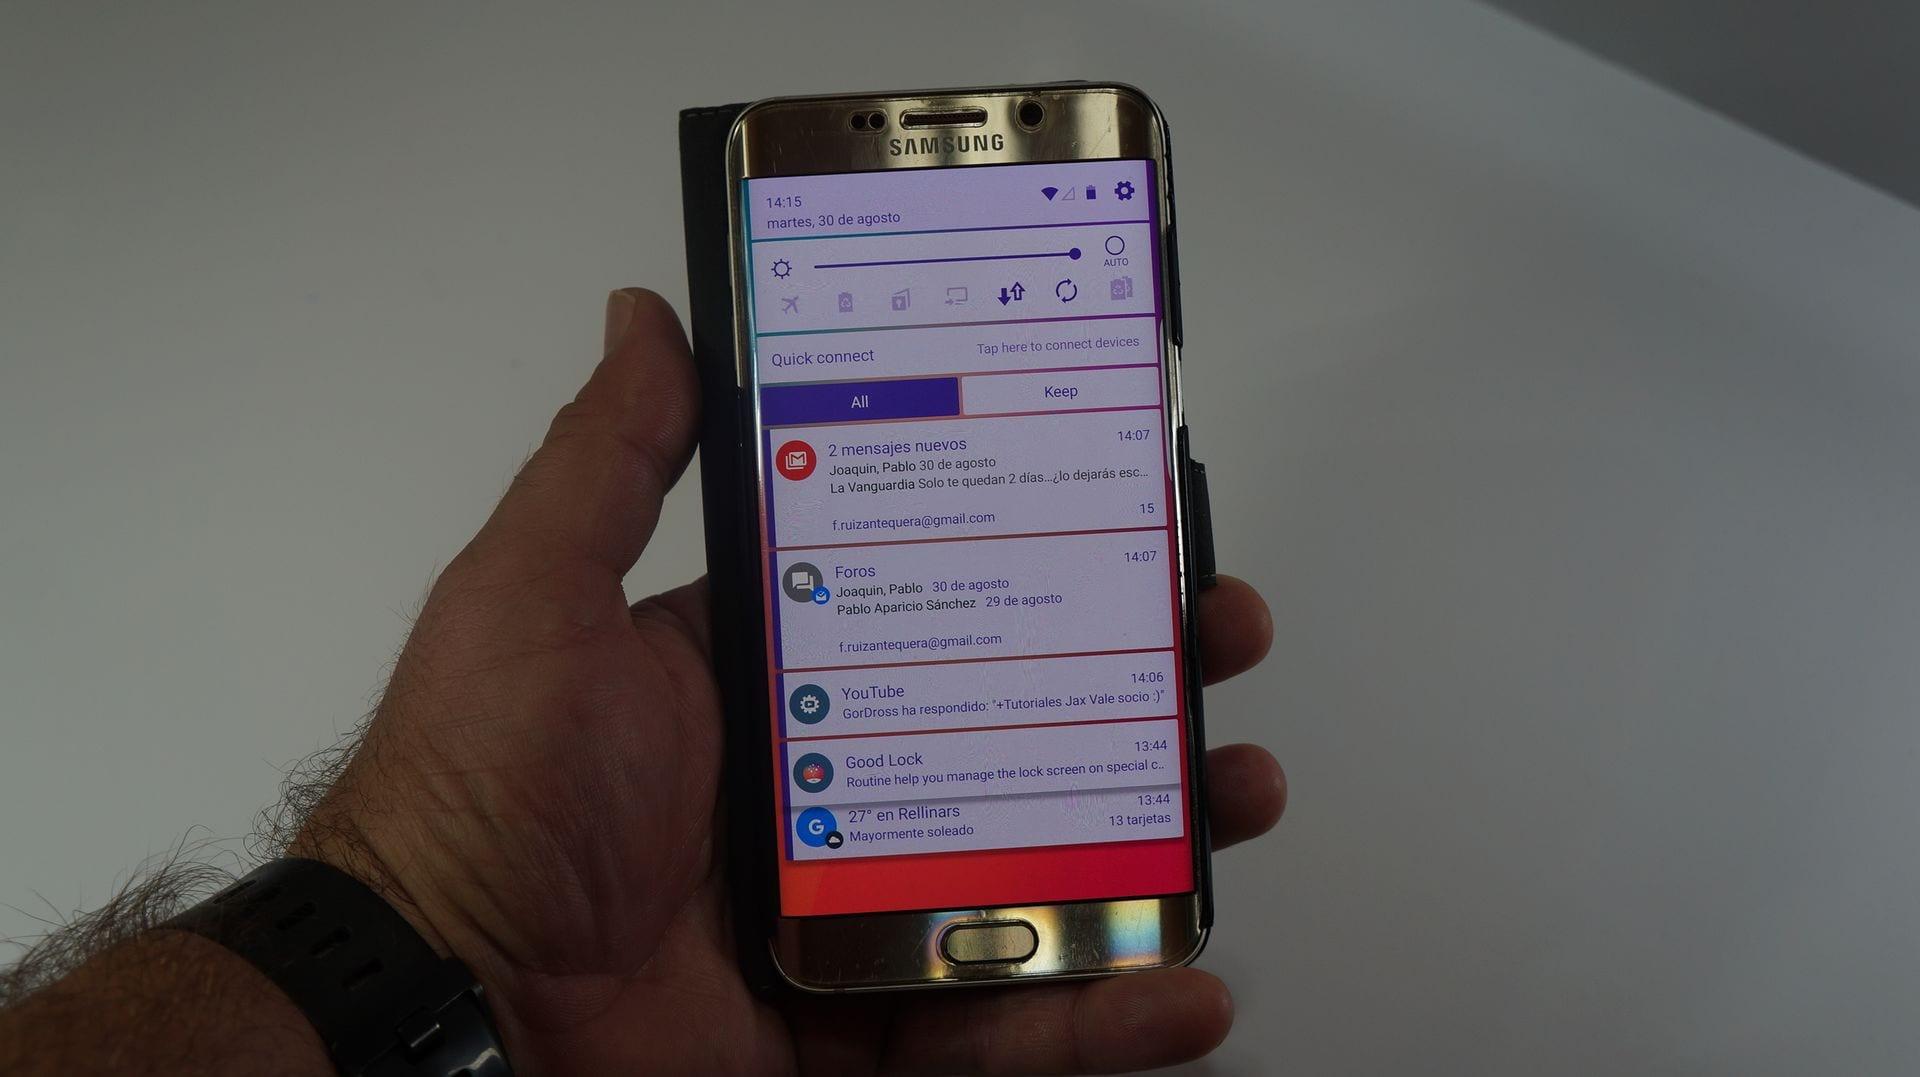 [APK]Cómo instalar la nueva interfaz de usuario del Samsung Galaxy Note 7 en tu Samsung. Telón de notificaciones, nueva pantalla de bloqueo y nueva interfaz para la multitarea Android